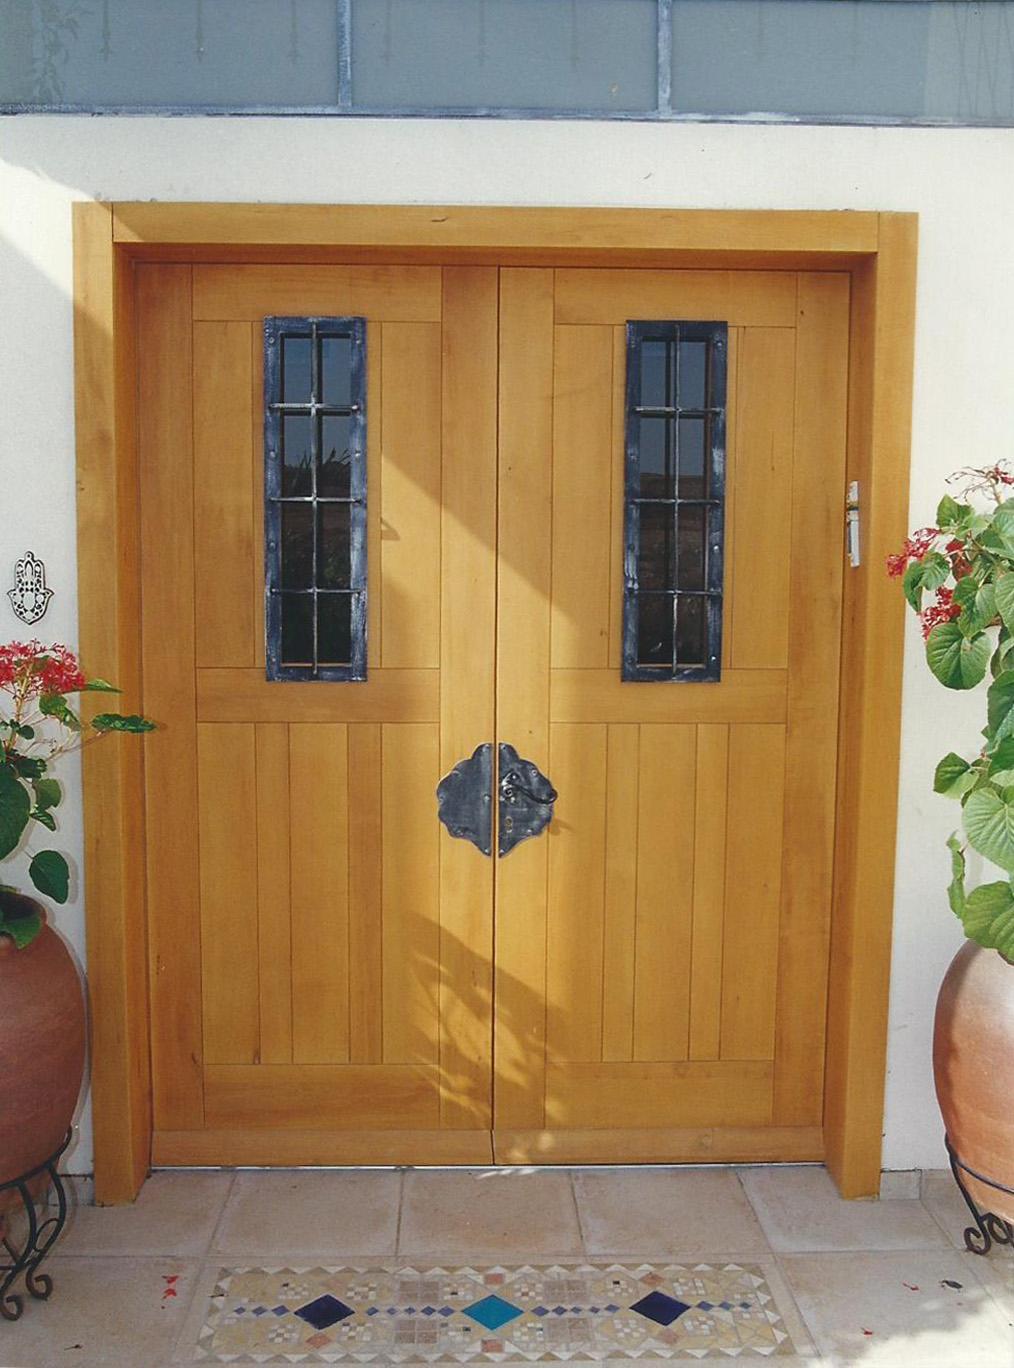 תוספות מתכת לדלת עץ